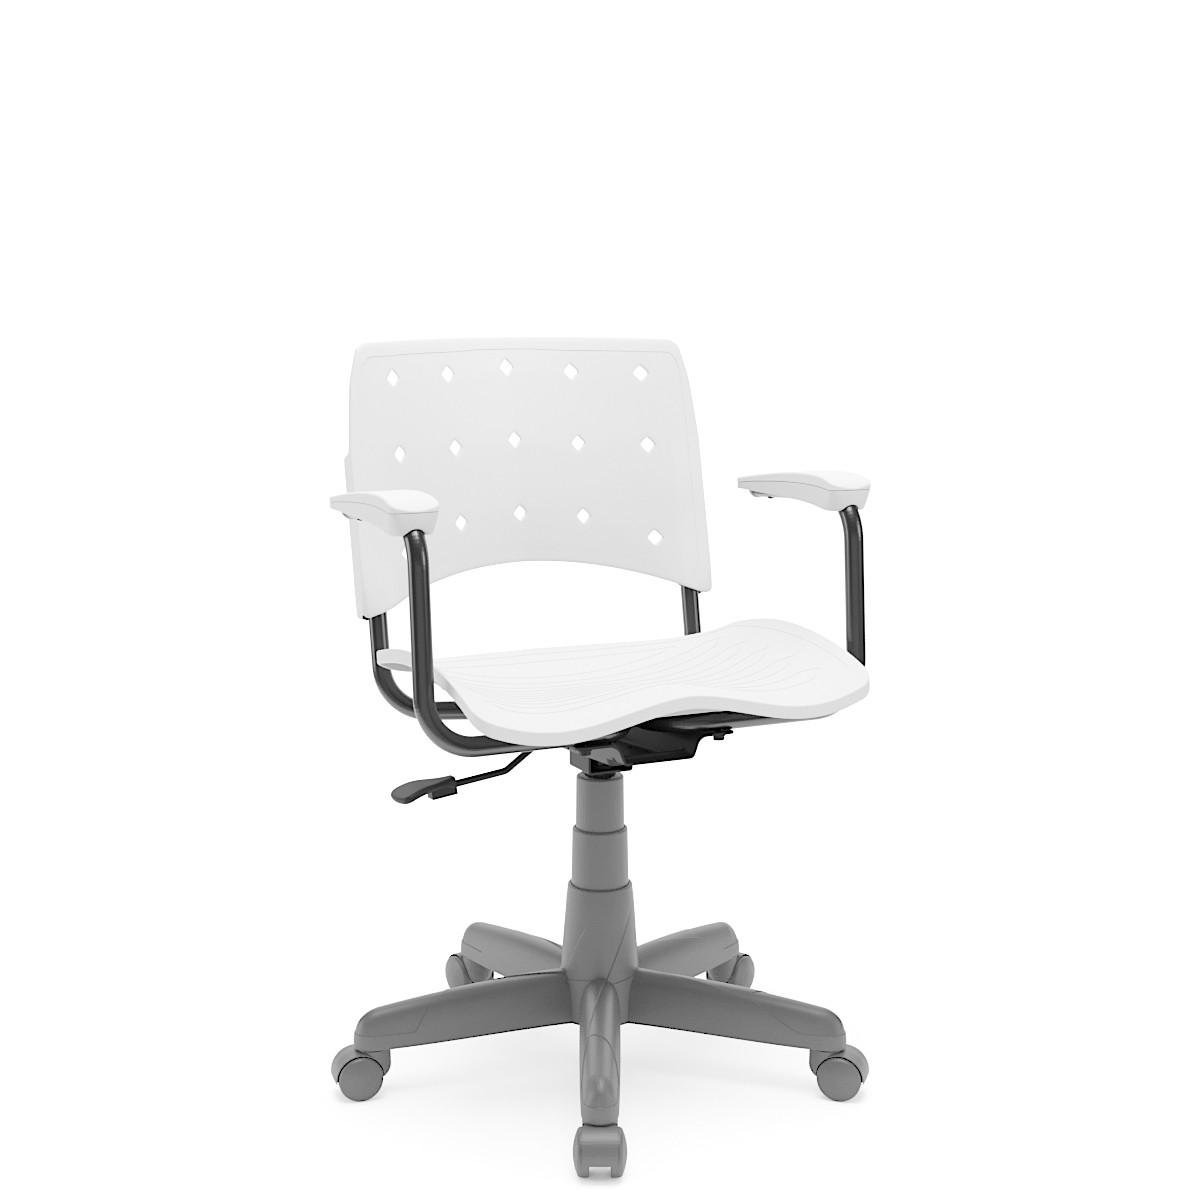 Cadeira Giratória Ergoplax Estrutura Cinza com braço Branco Plaxmetal